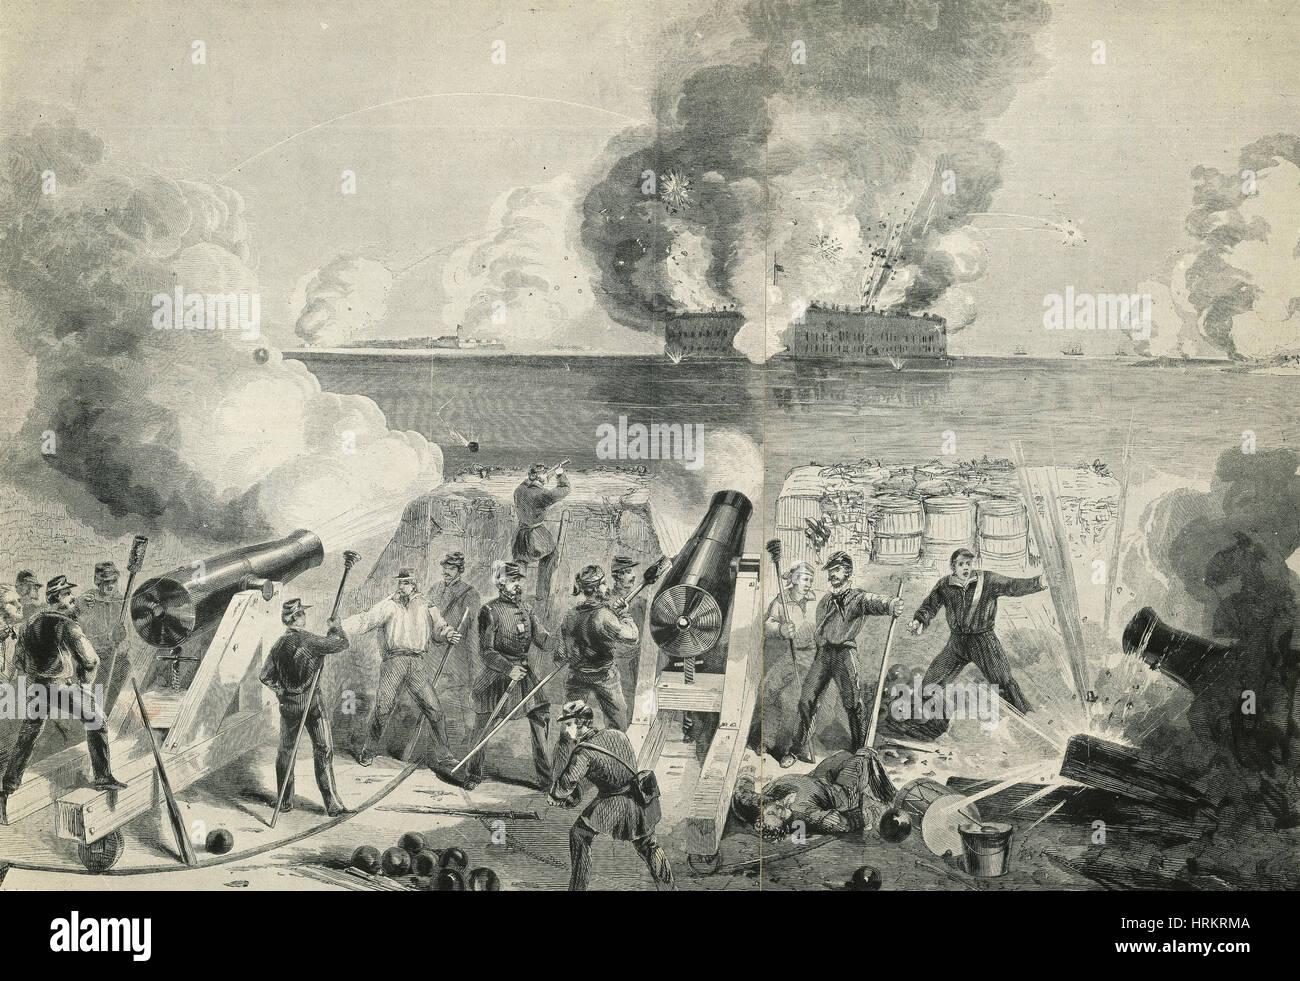 Battle of Fort Sumter, 1861